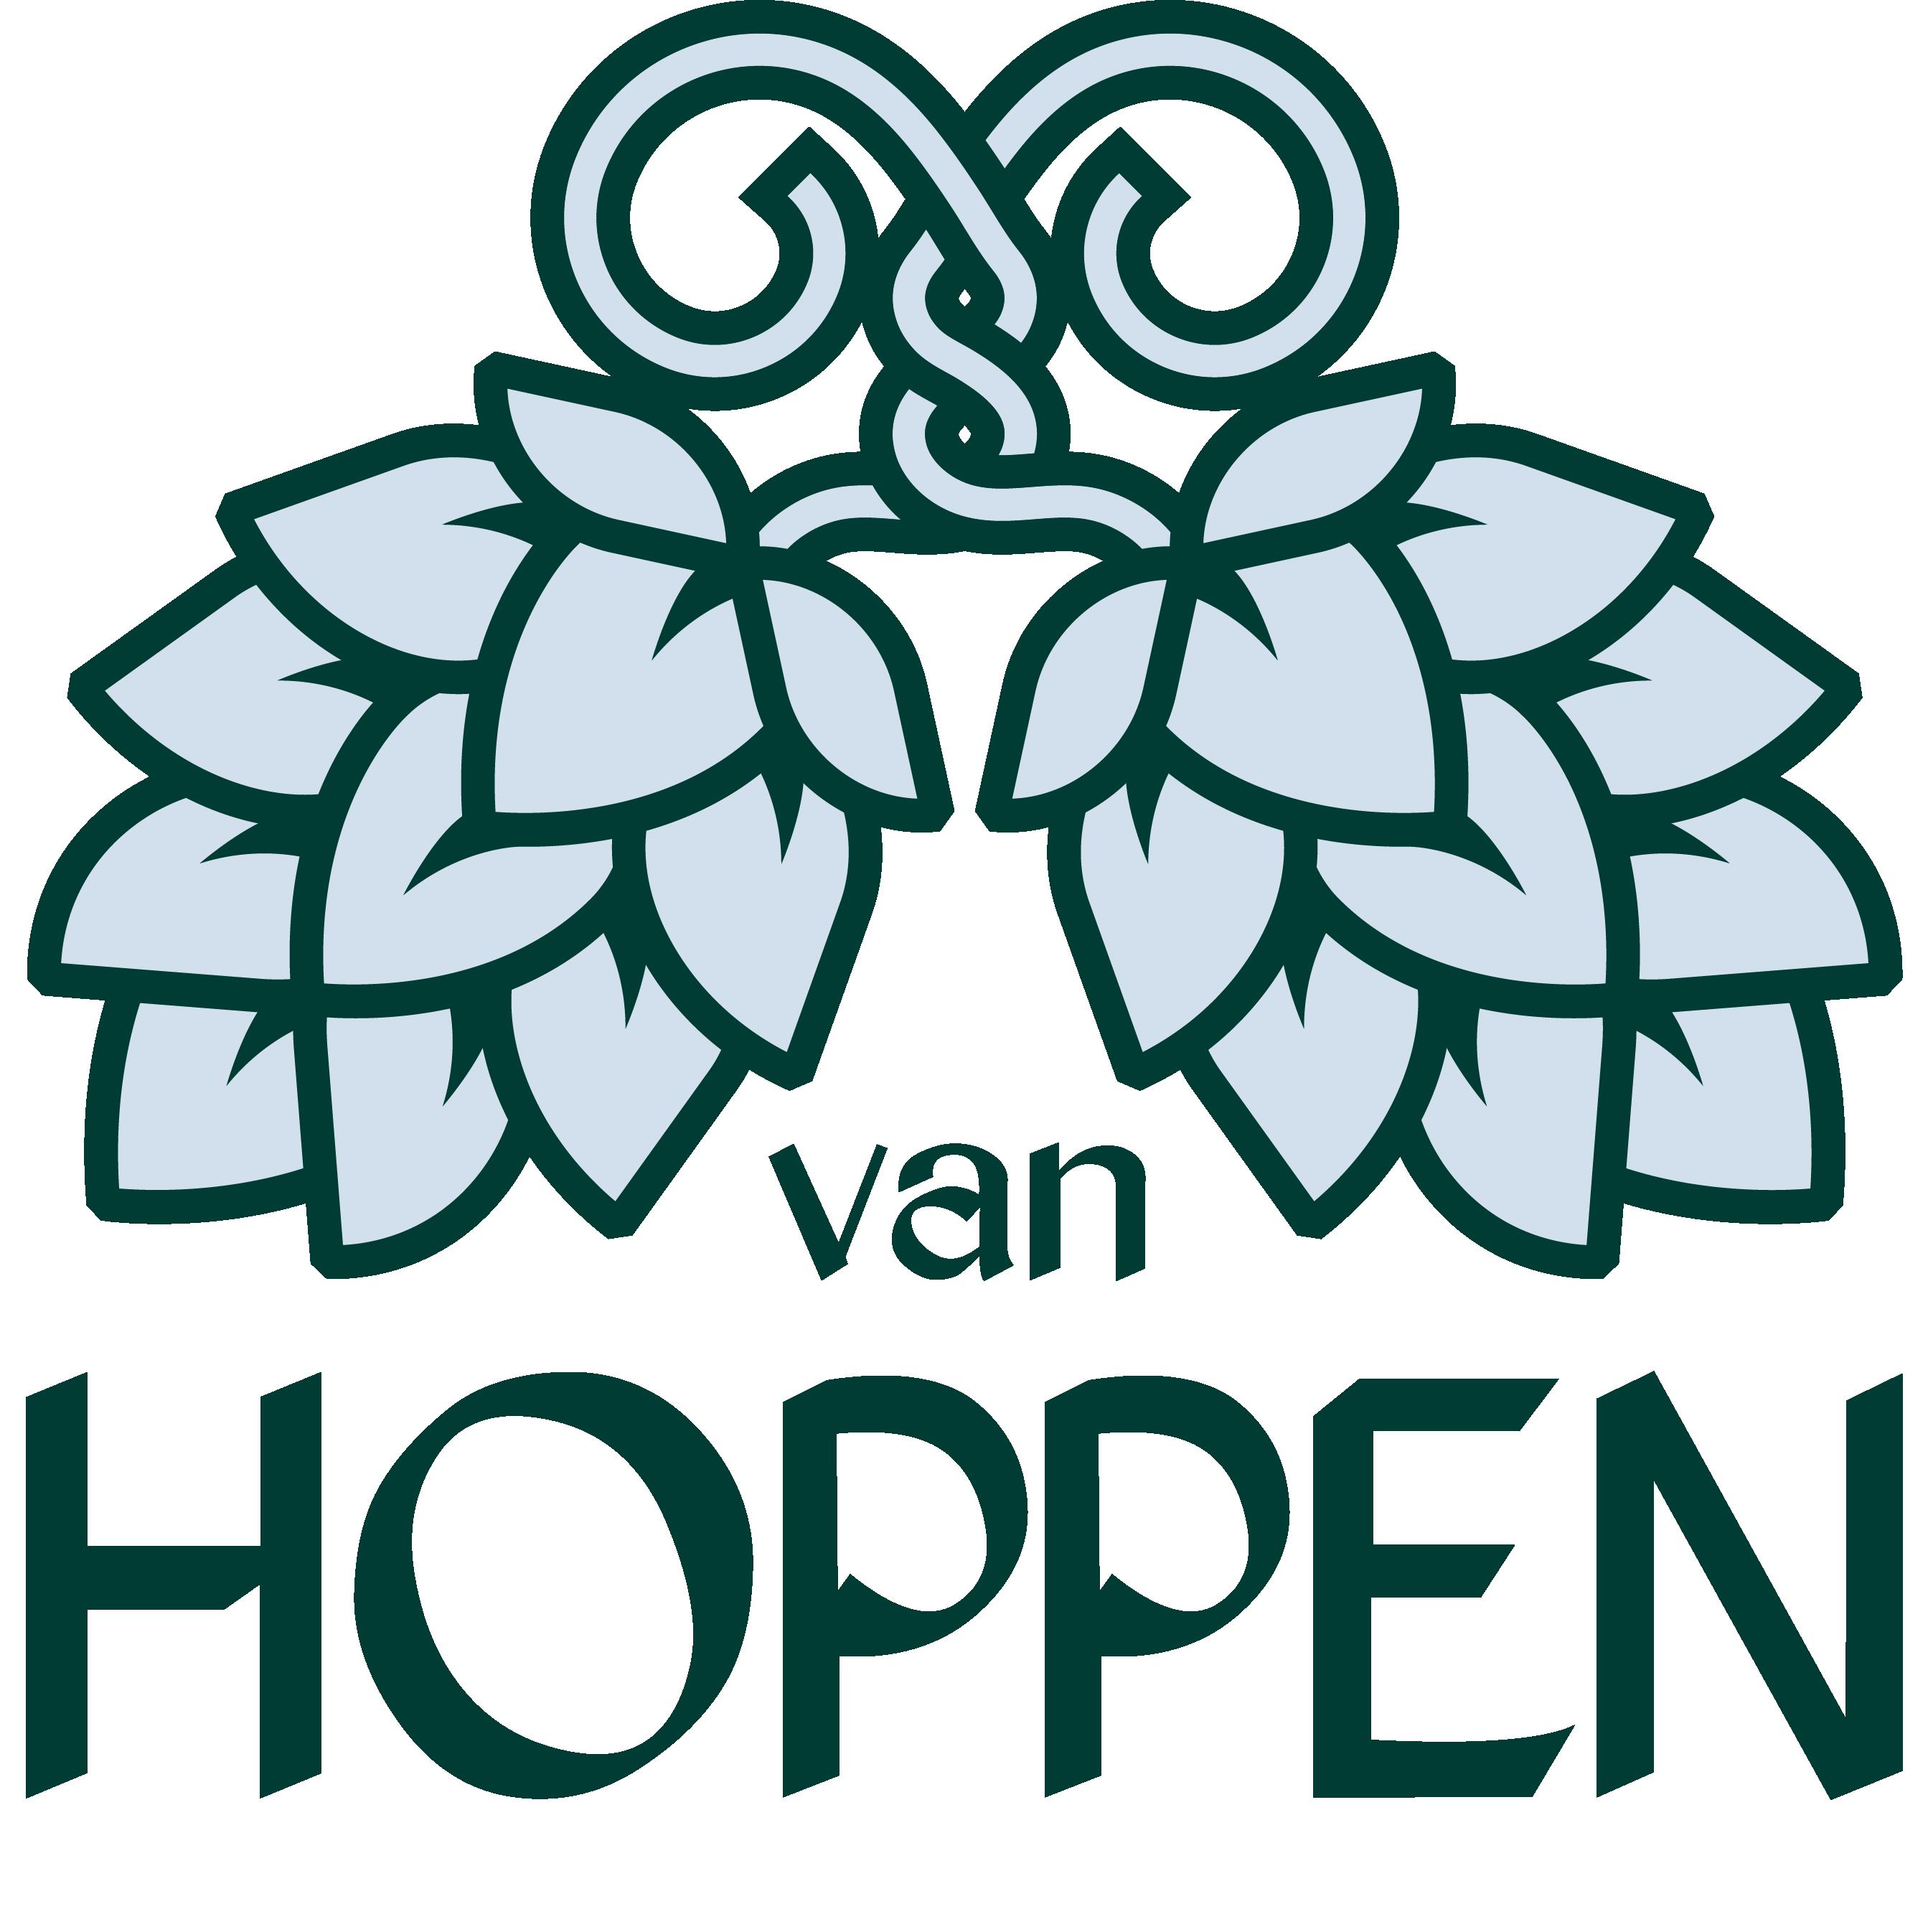 Van Hoppen